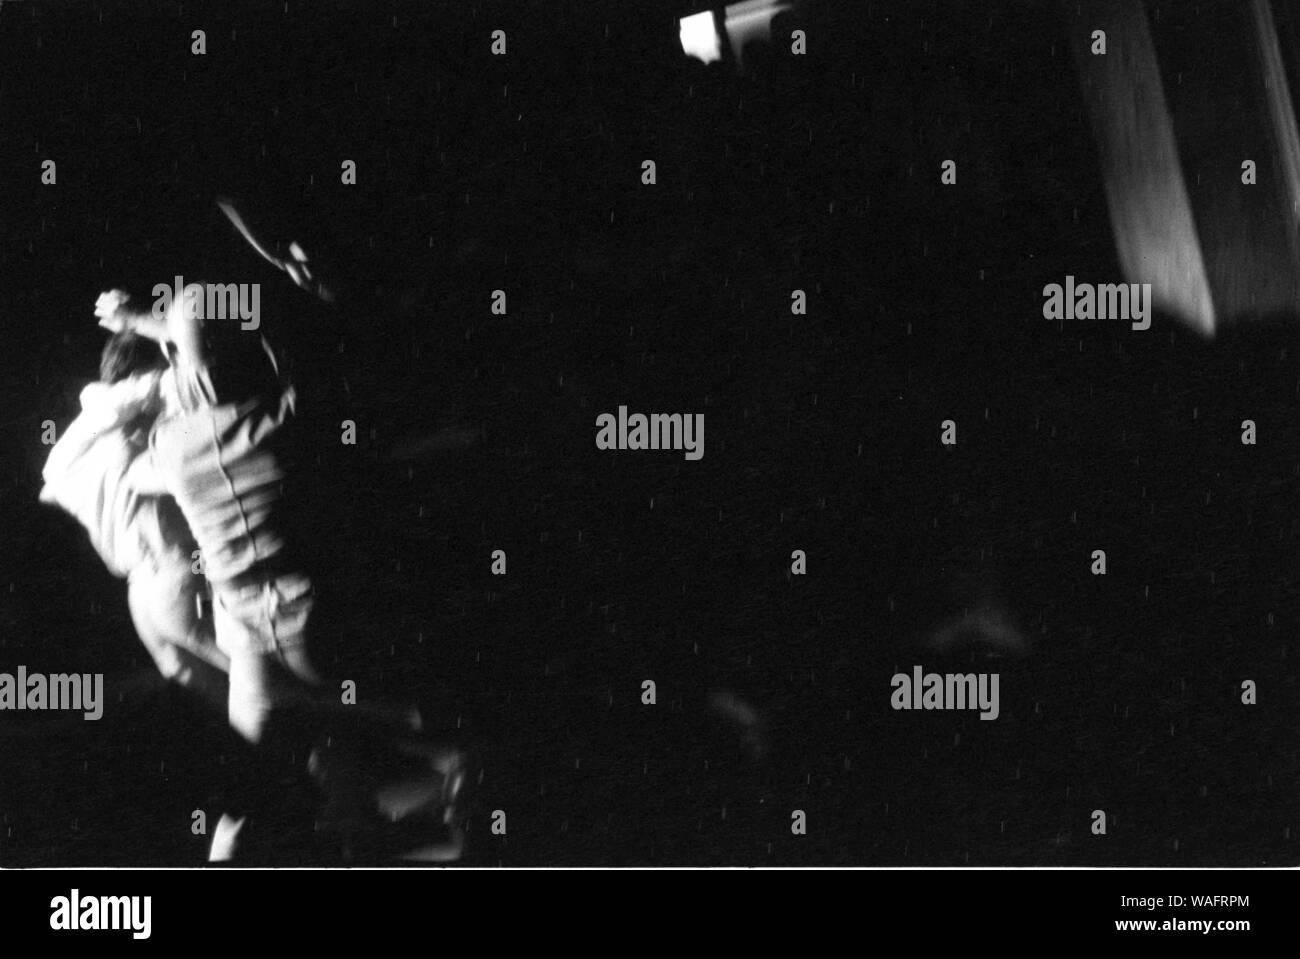 Cracovie, 18.05.1989. Manifestation d'étudiants sur la rue Dominikanska. KPN, NZS, WiP, lutte contre l'millitary ZOMO et unités. Un agent ZOMO bat un étudiant. Fot. Andrzej Stawiarski / Forum Banque D'Images